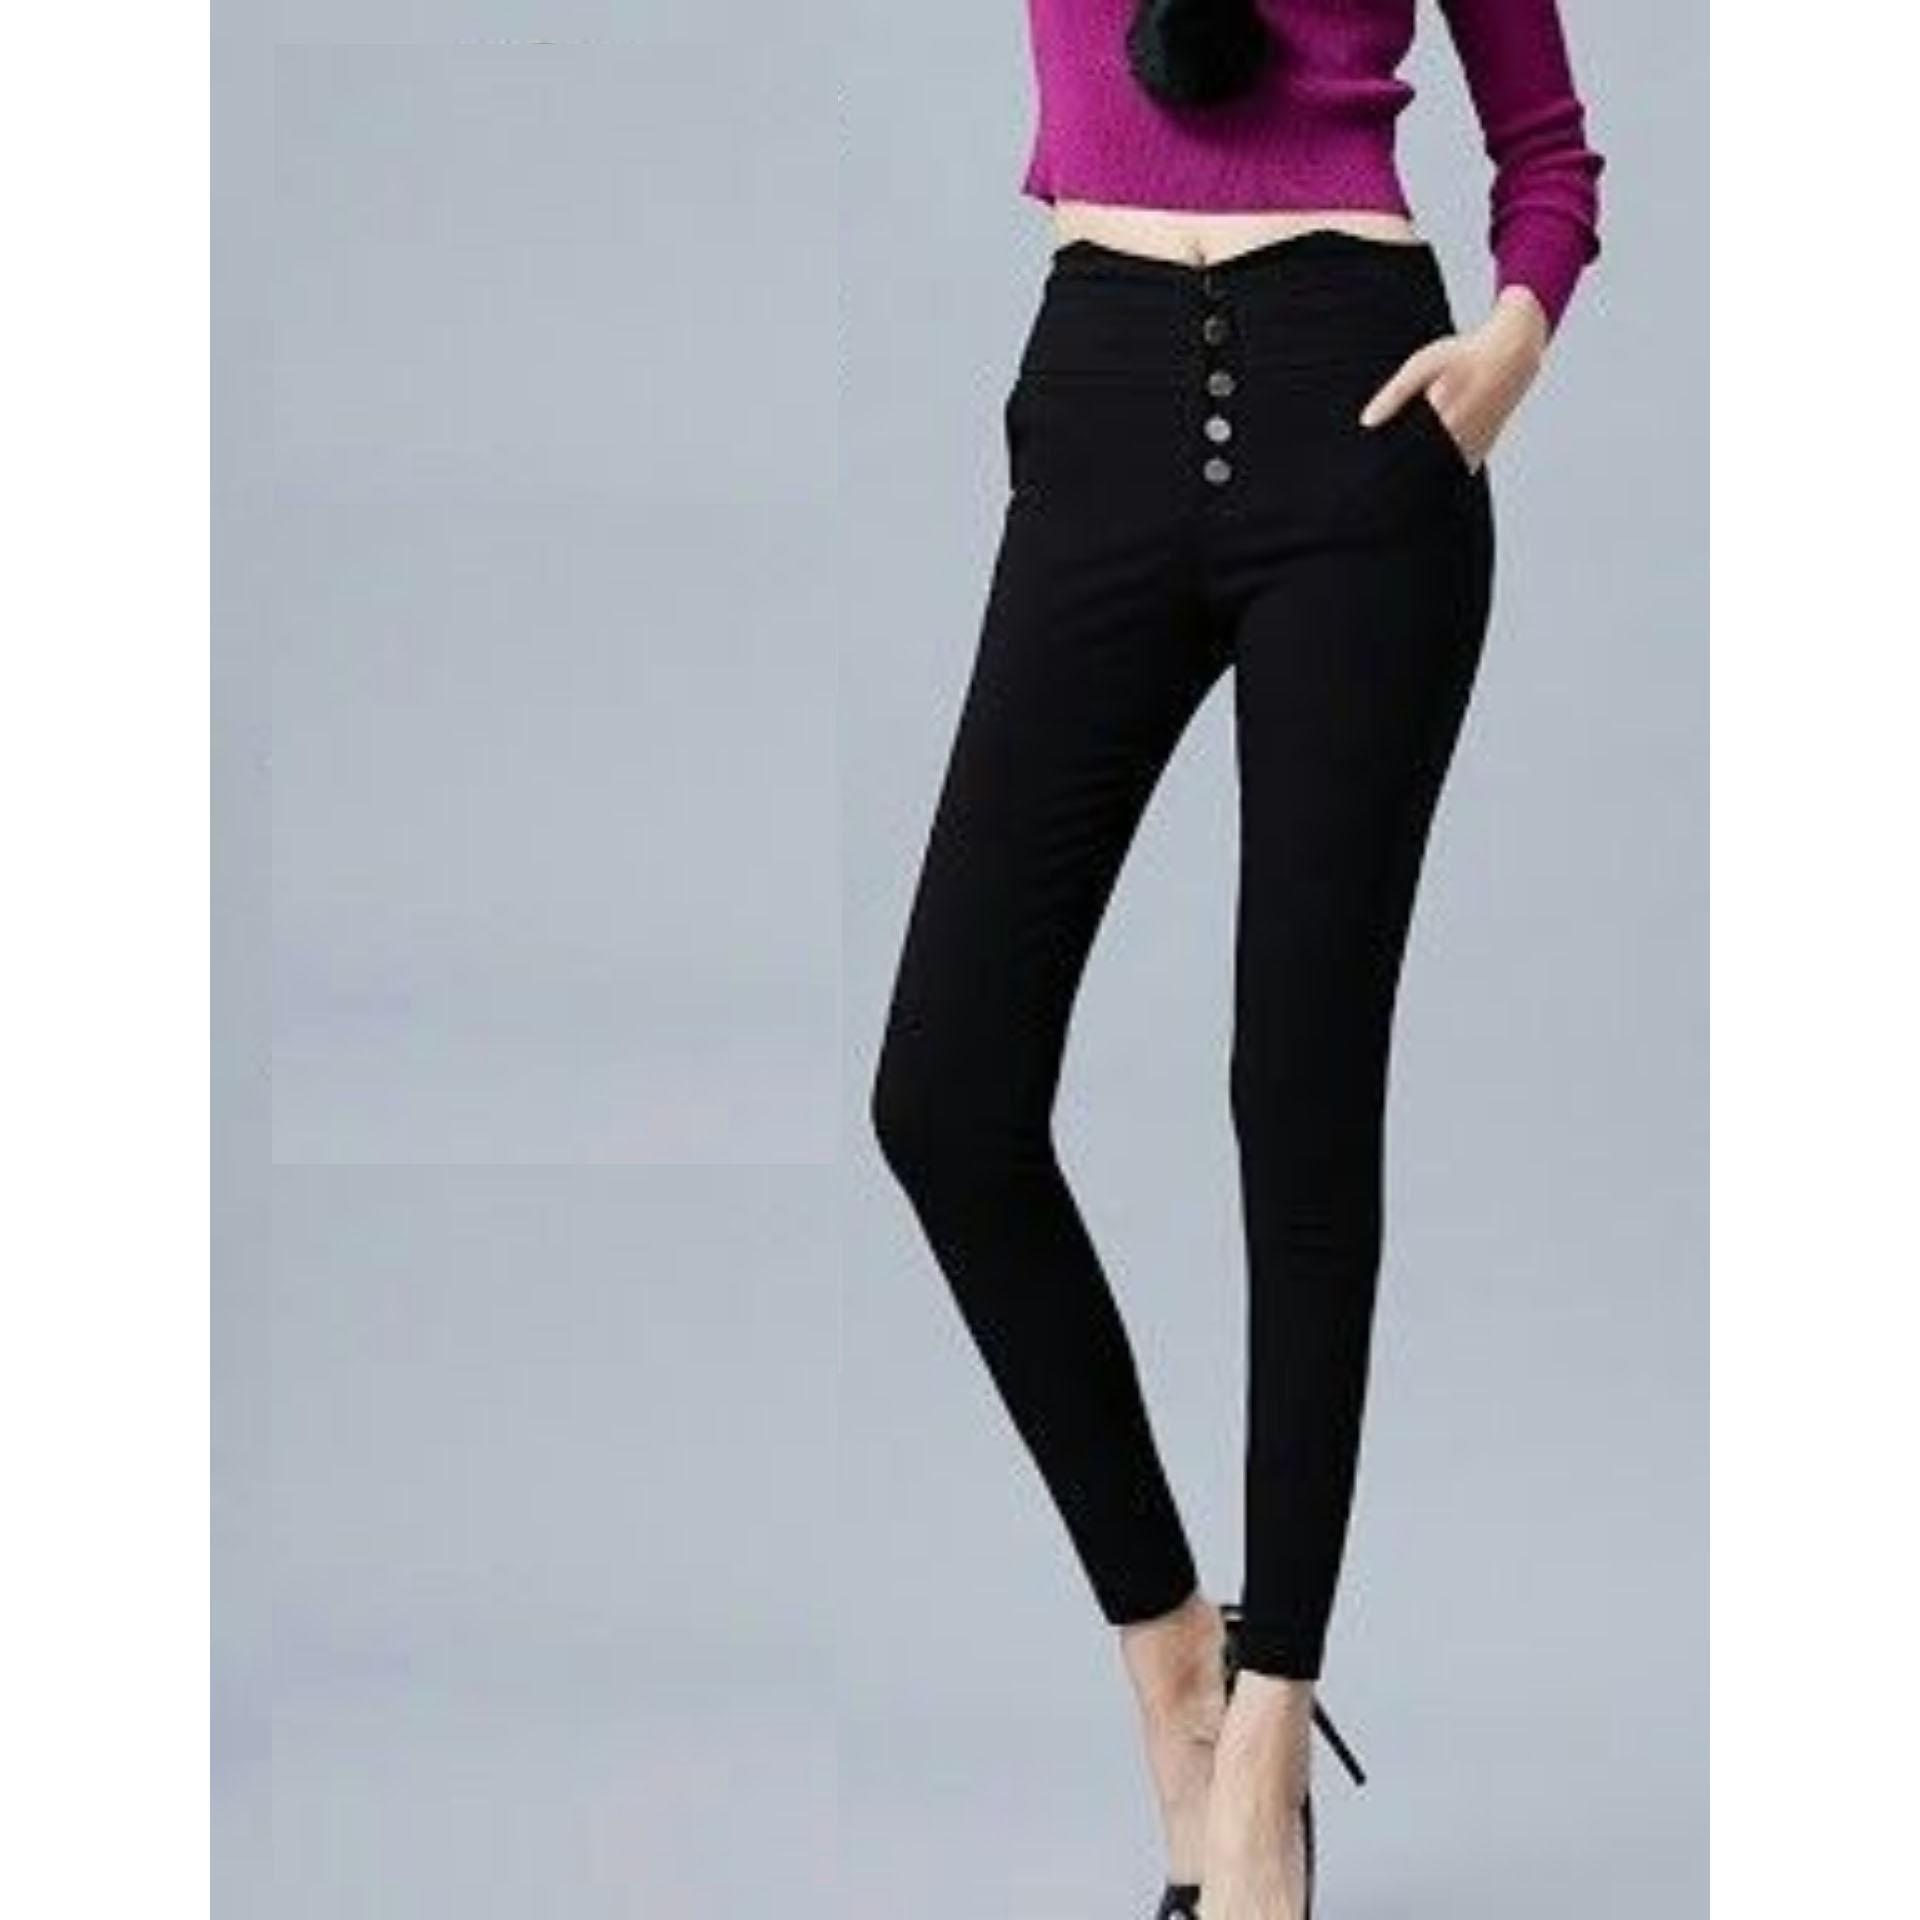 celana jeans wanita higwaist kancing lima hitam navy esblue